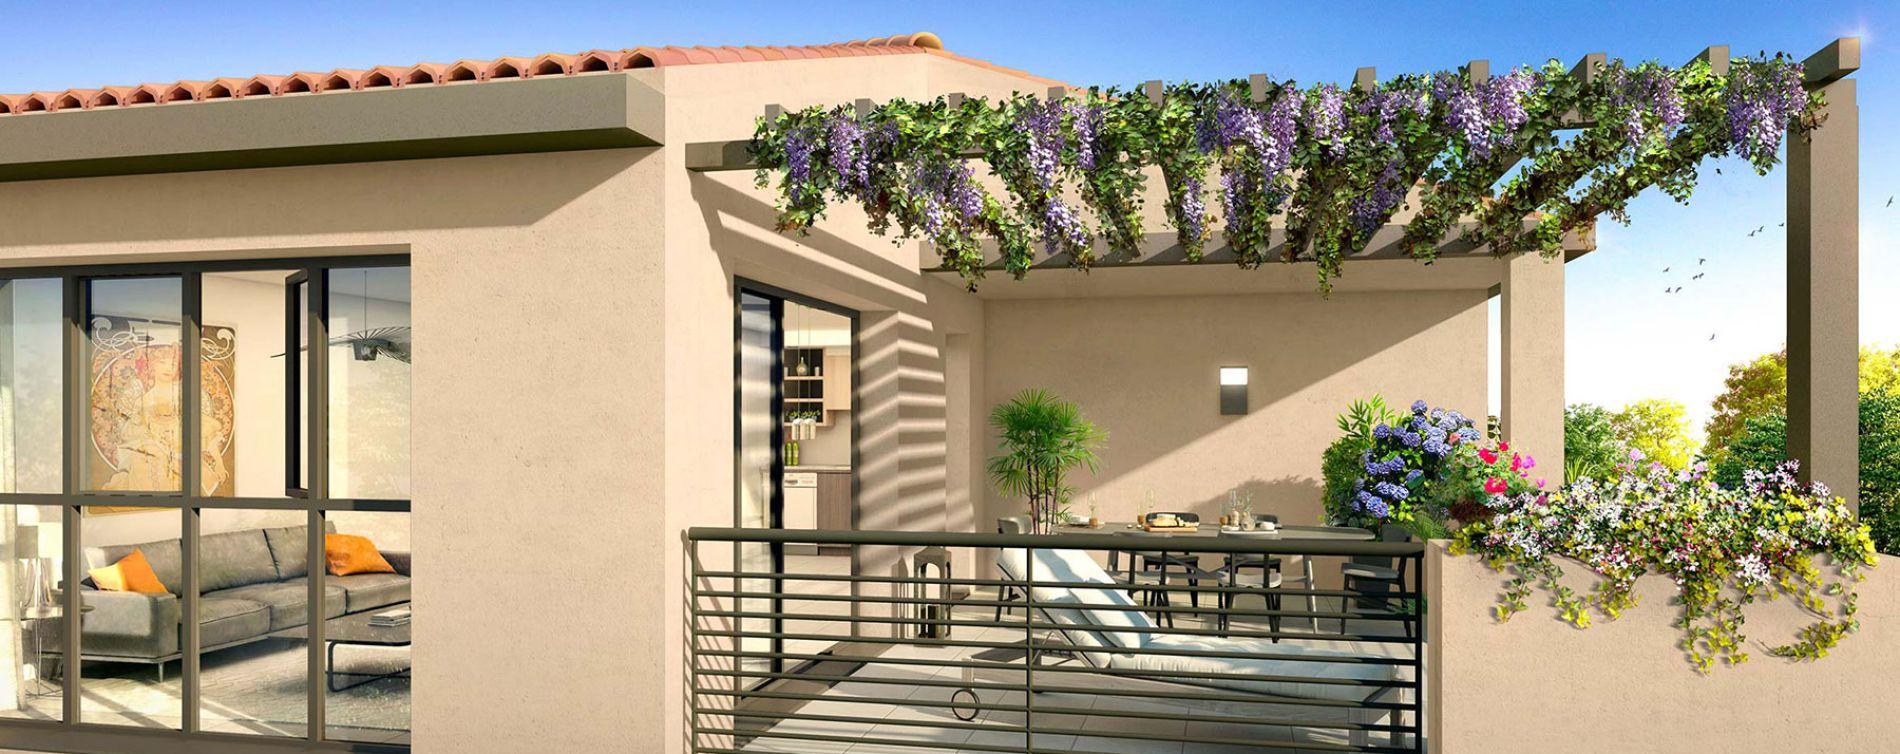 Résidence Coeur Village à Aix-en-Provence